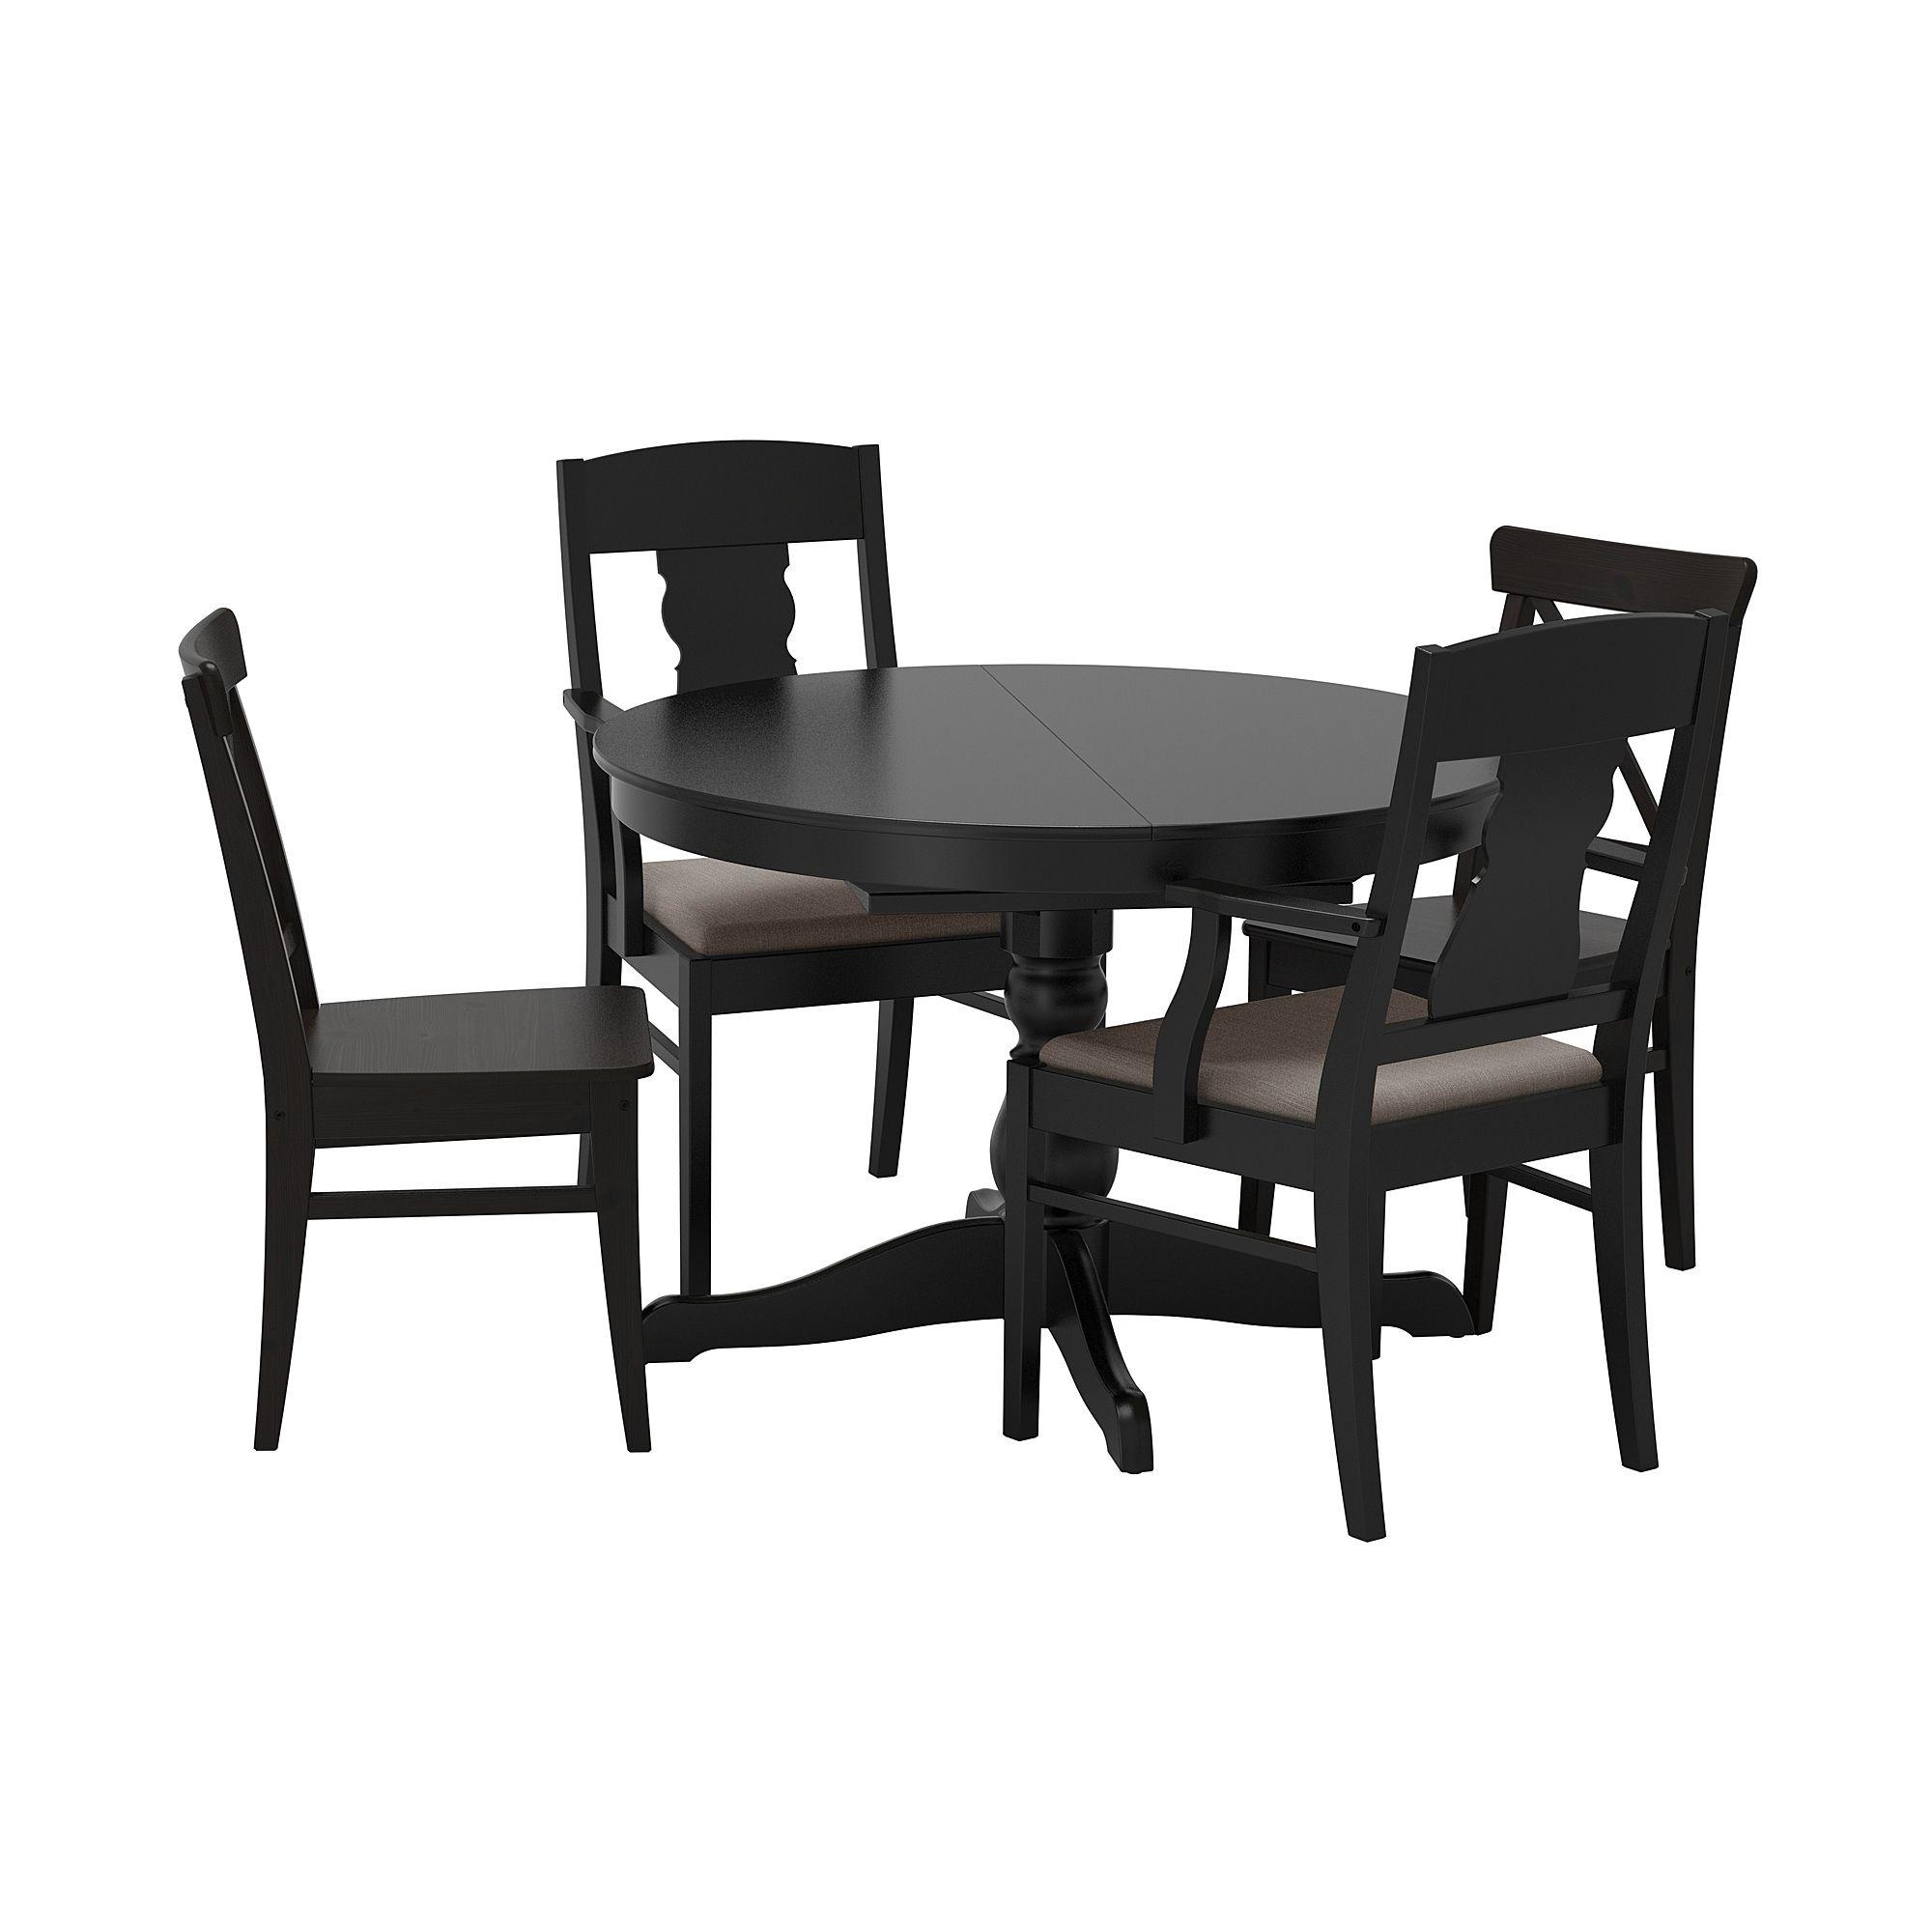 Ingatorp Ingolf Tisch Und 4 Stuhle Schwarz Nolhaga Grau Beige